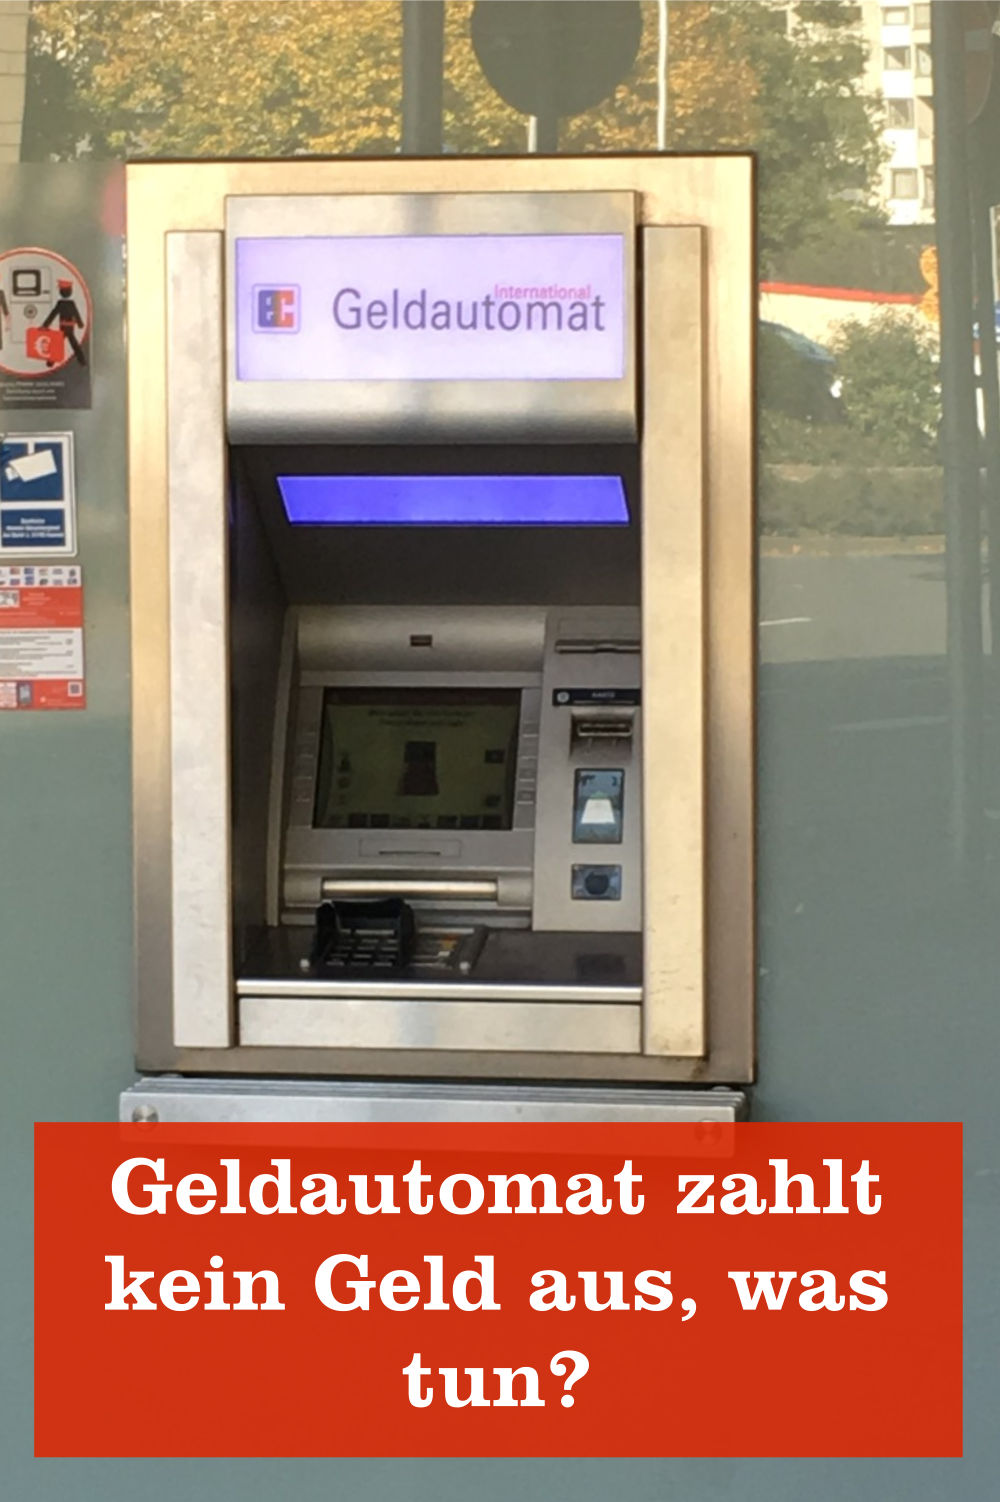 Geldautomat zahlt kein Geld aus